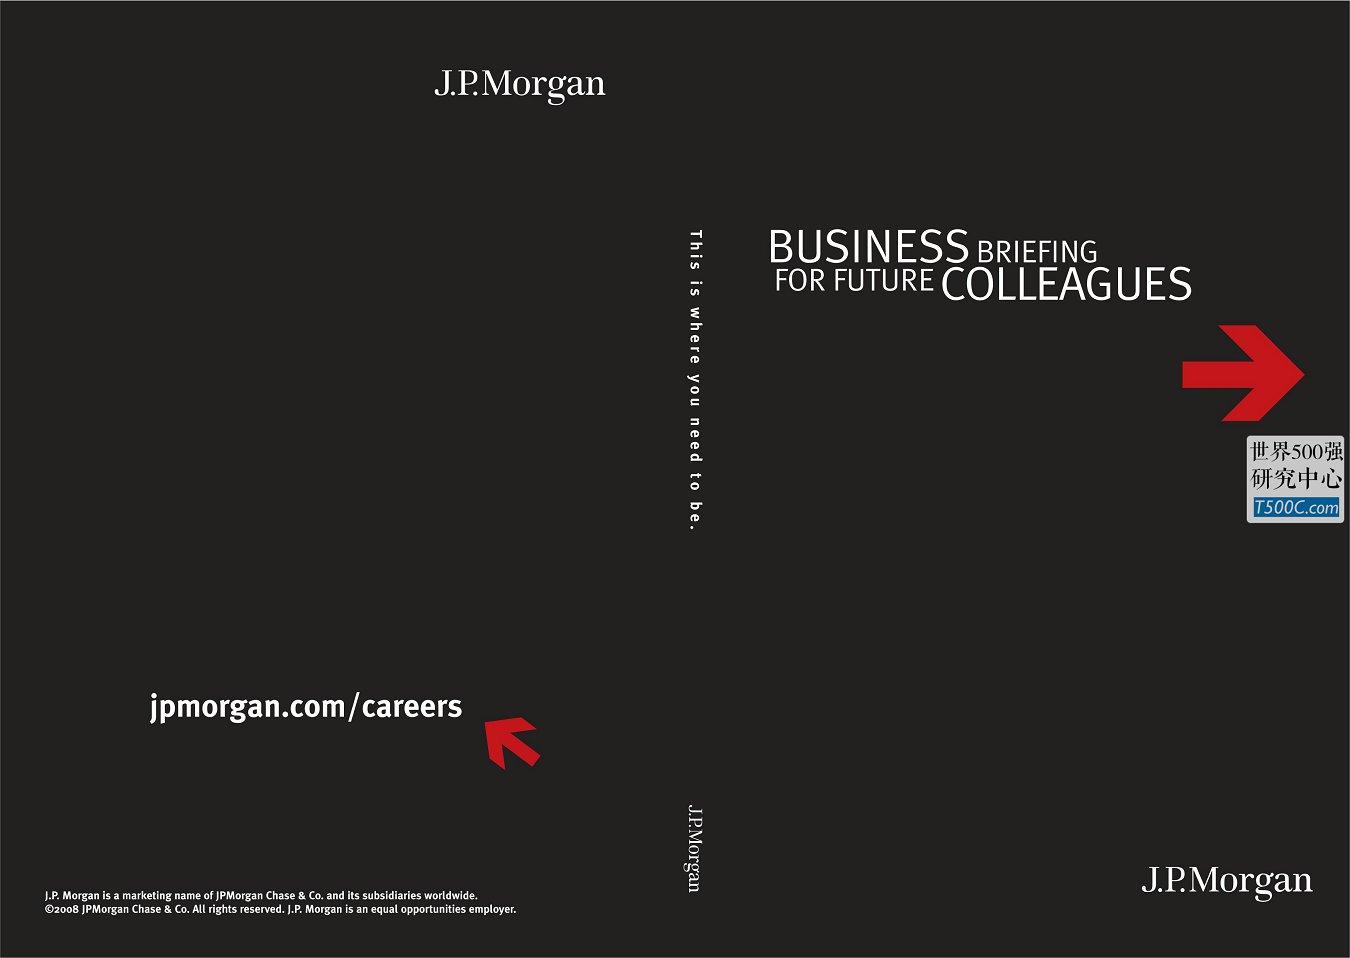 摩根大通银行JPMorganChase_人力资源宣传册Brochure_T500C.com_Brifing.pdf